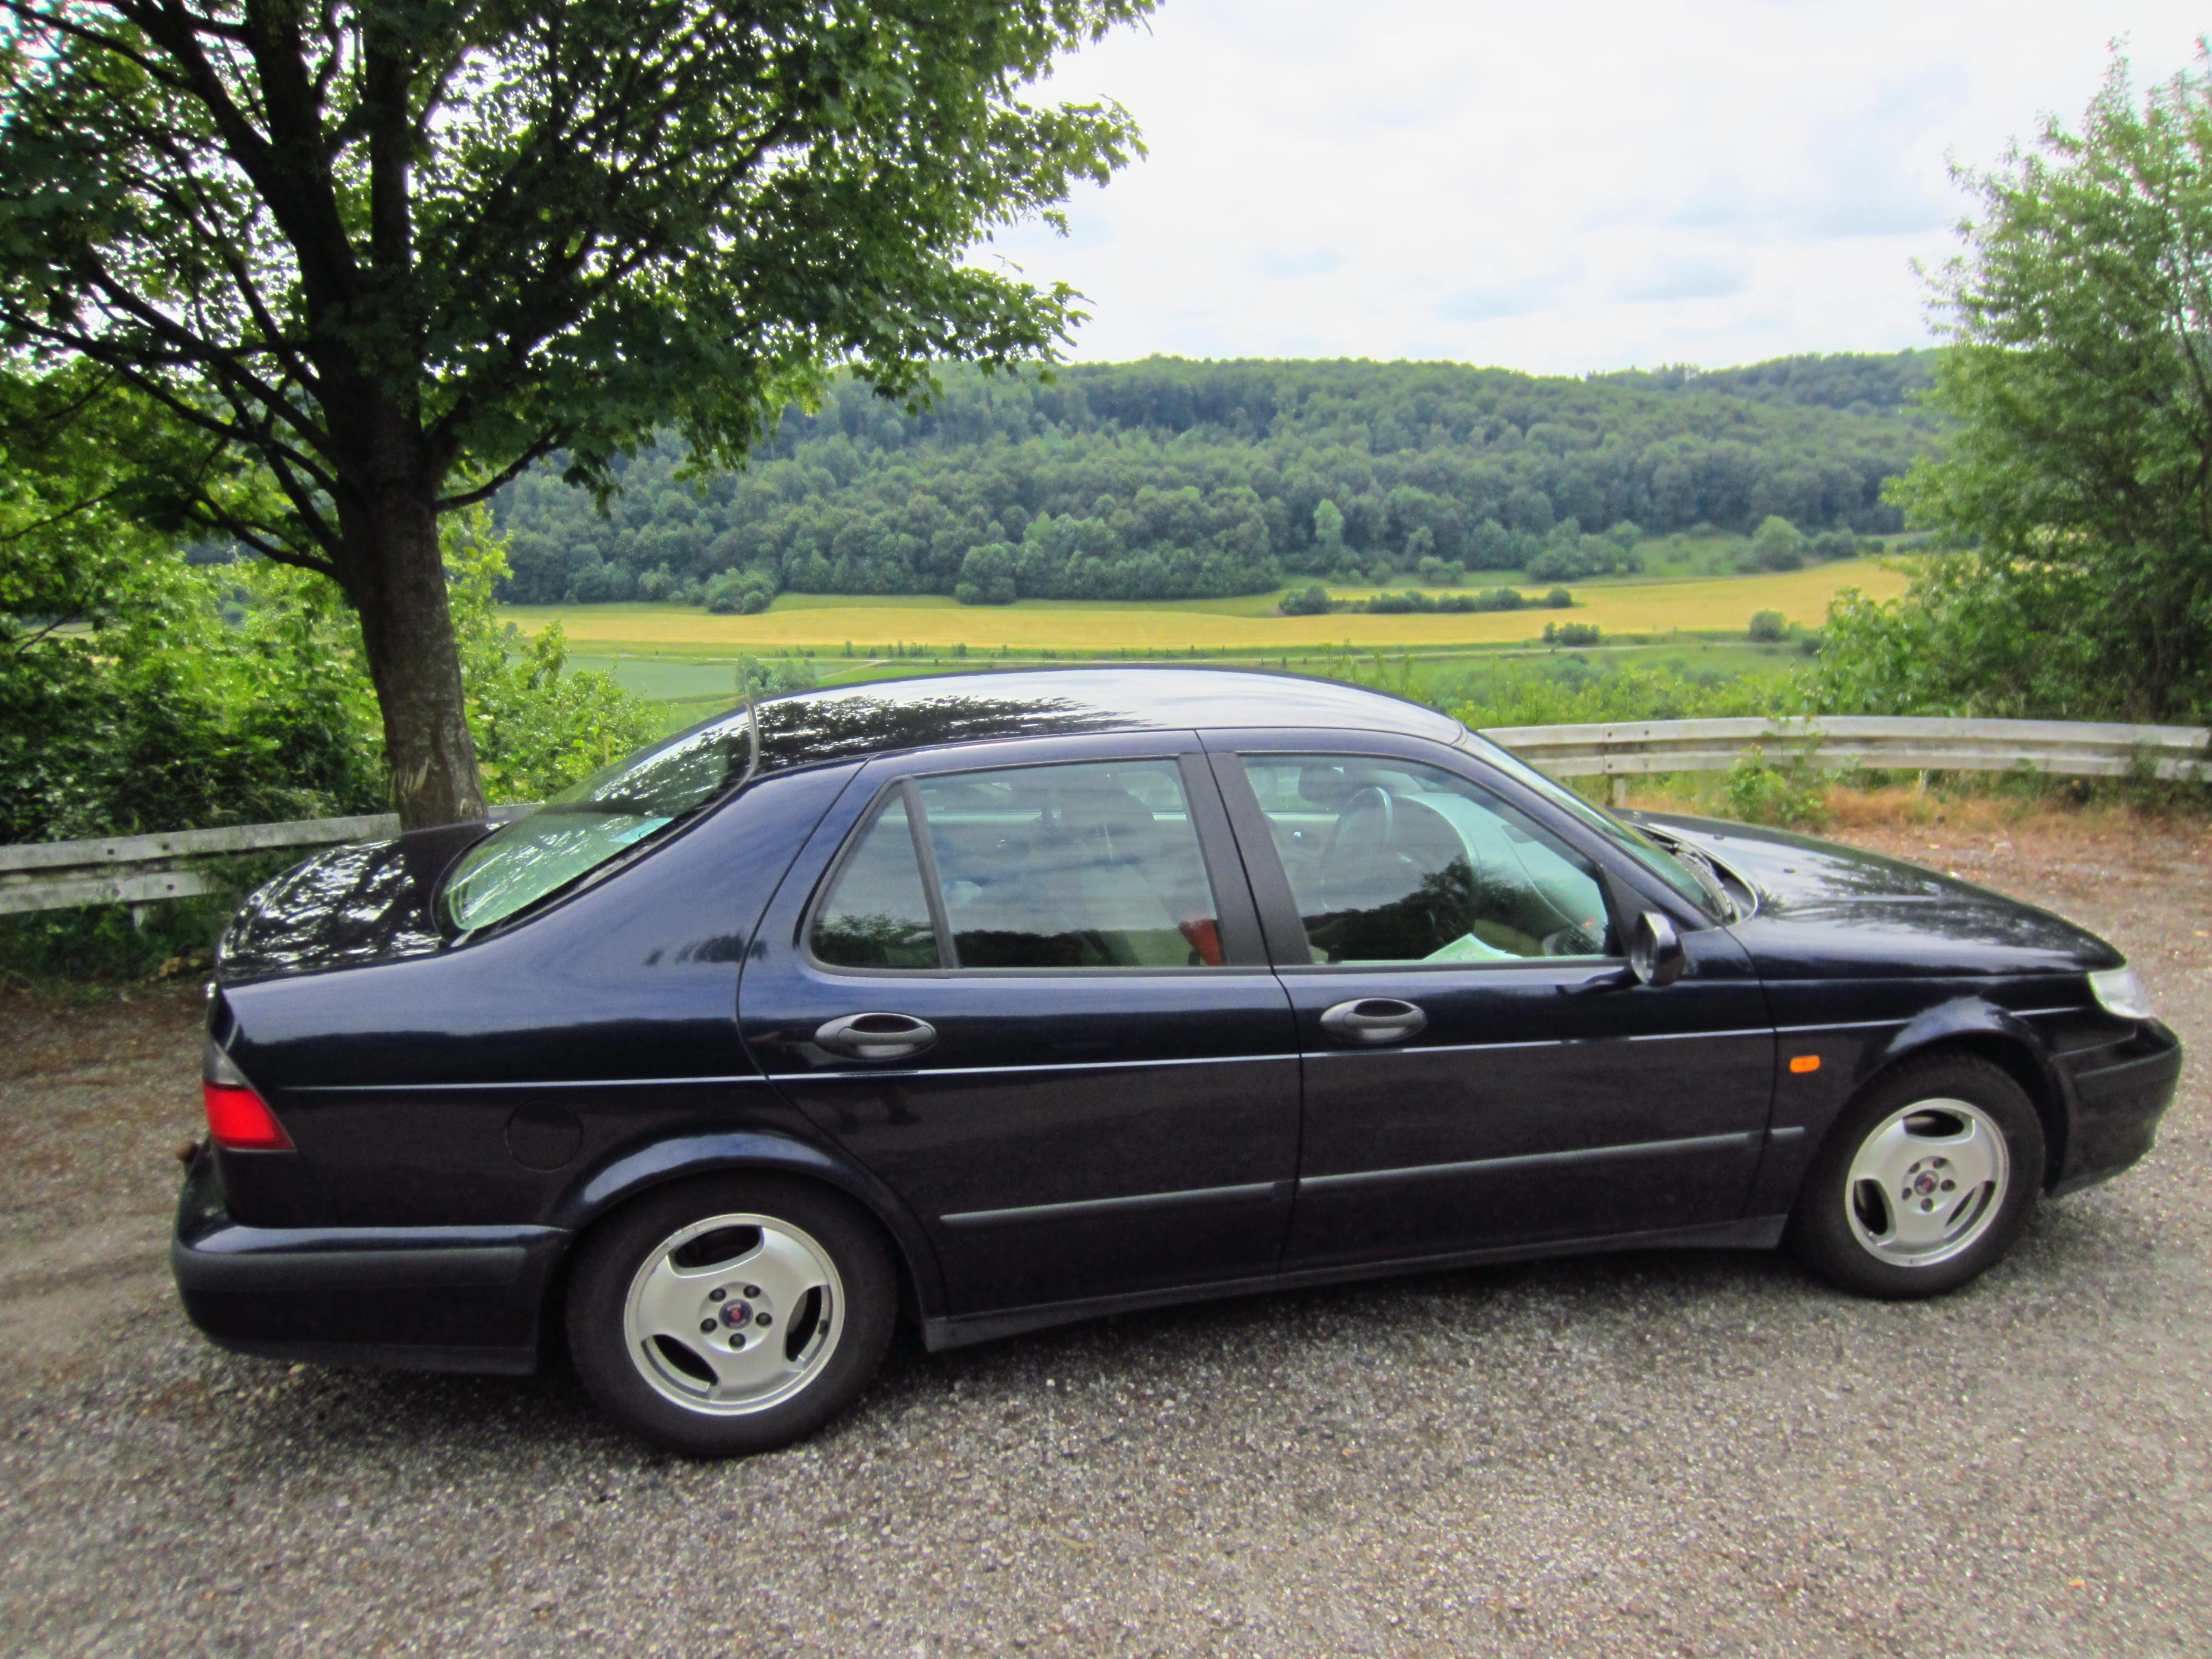 2000 Saab 9-5 #8 Saab 9-5 #8